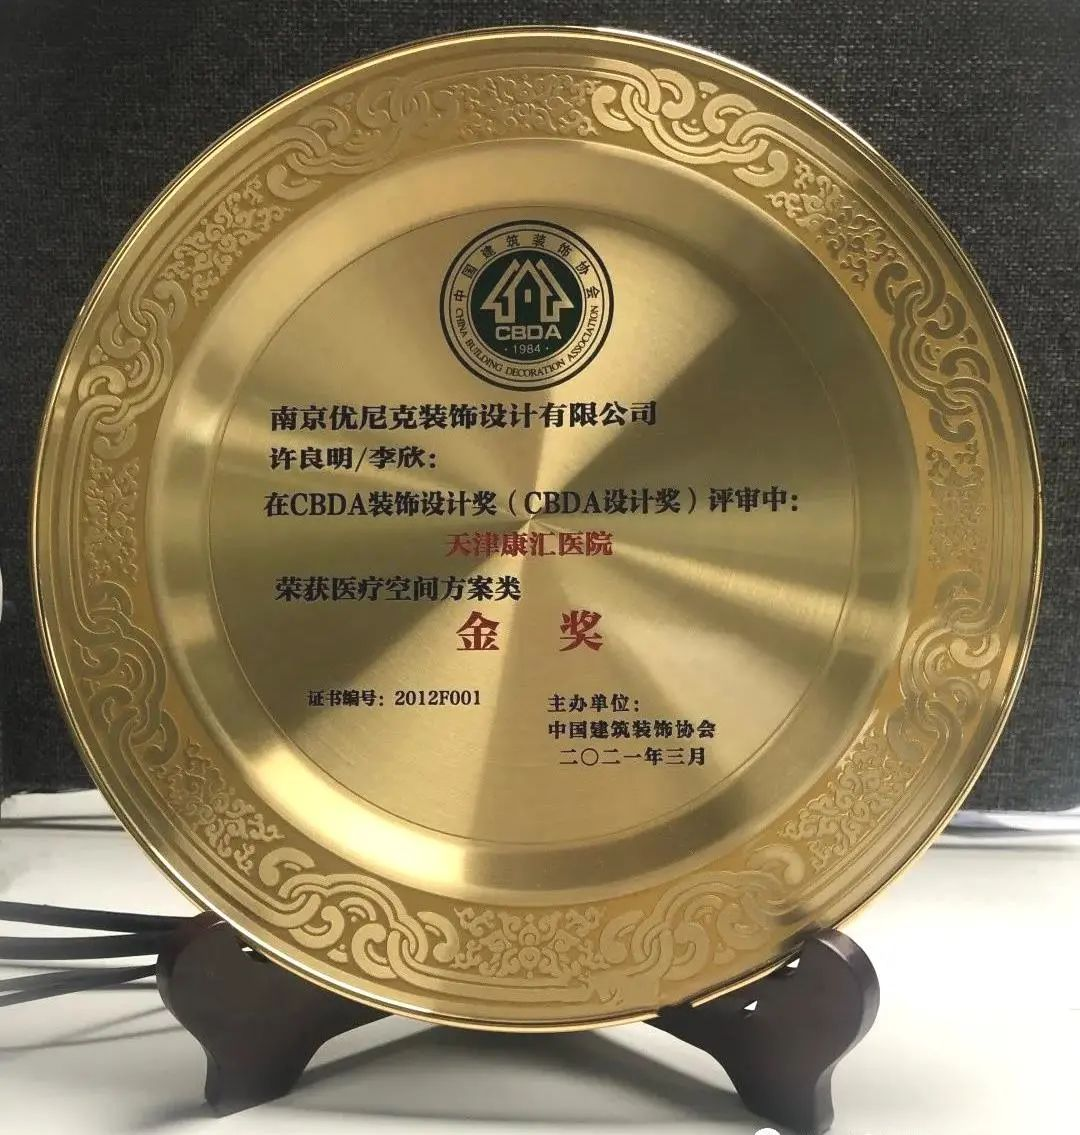 共享天津康汇医院项目荣获中国装饰设计金奖